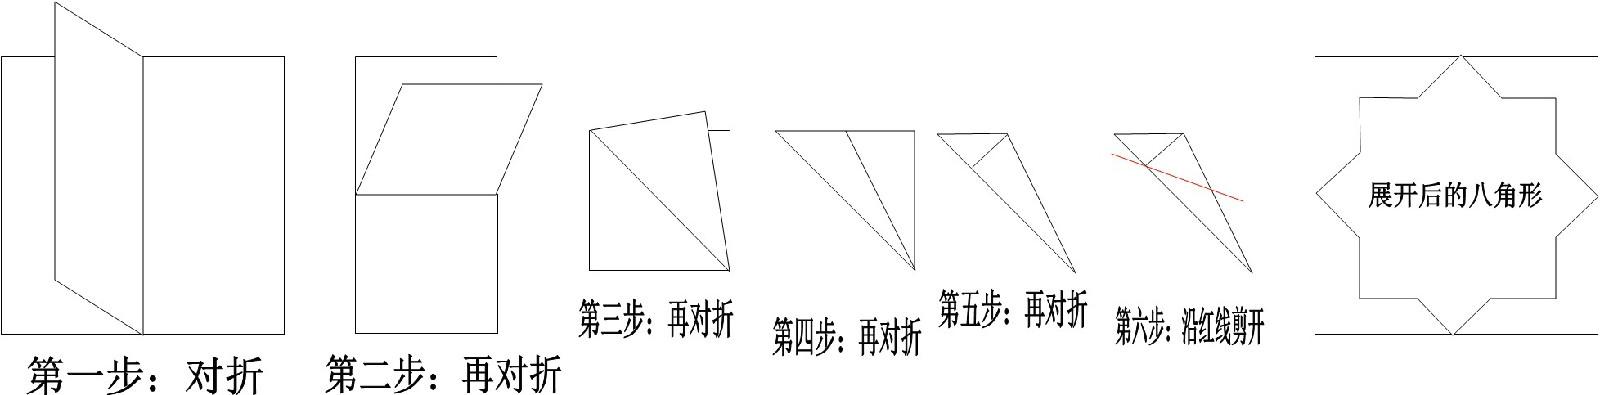 如何剪出八角形